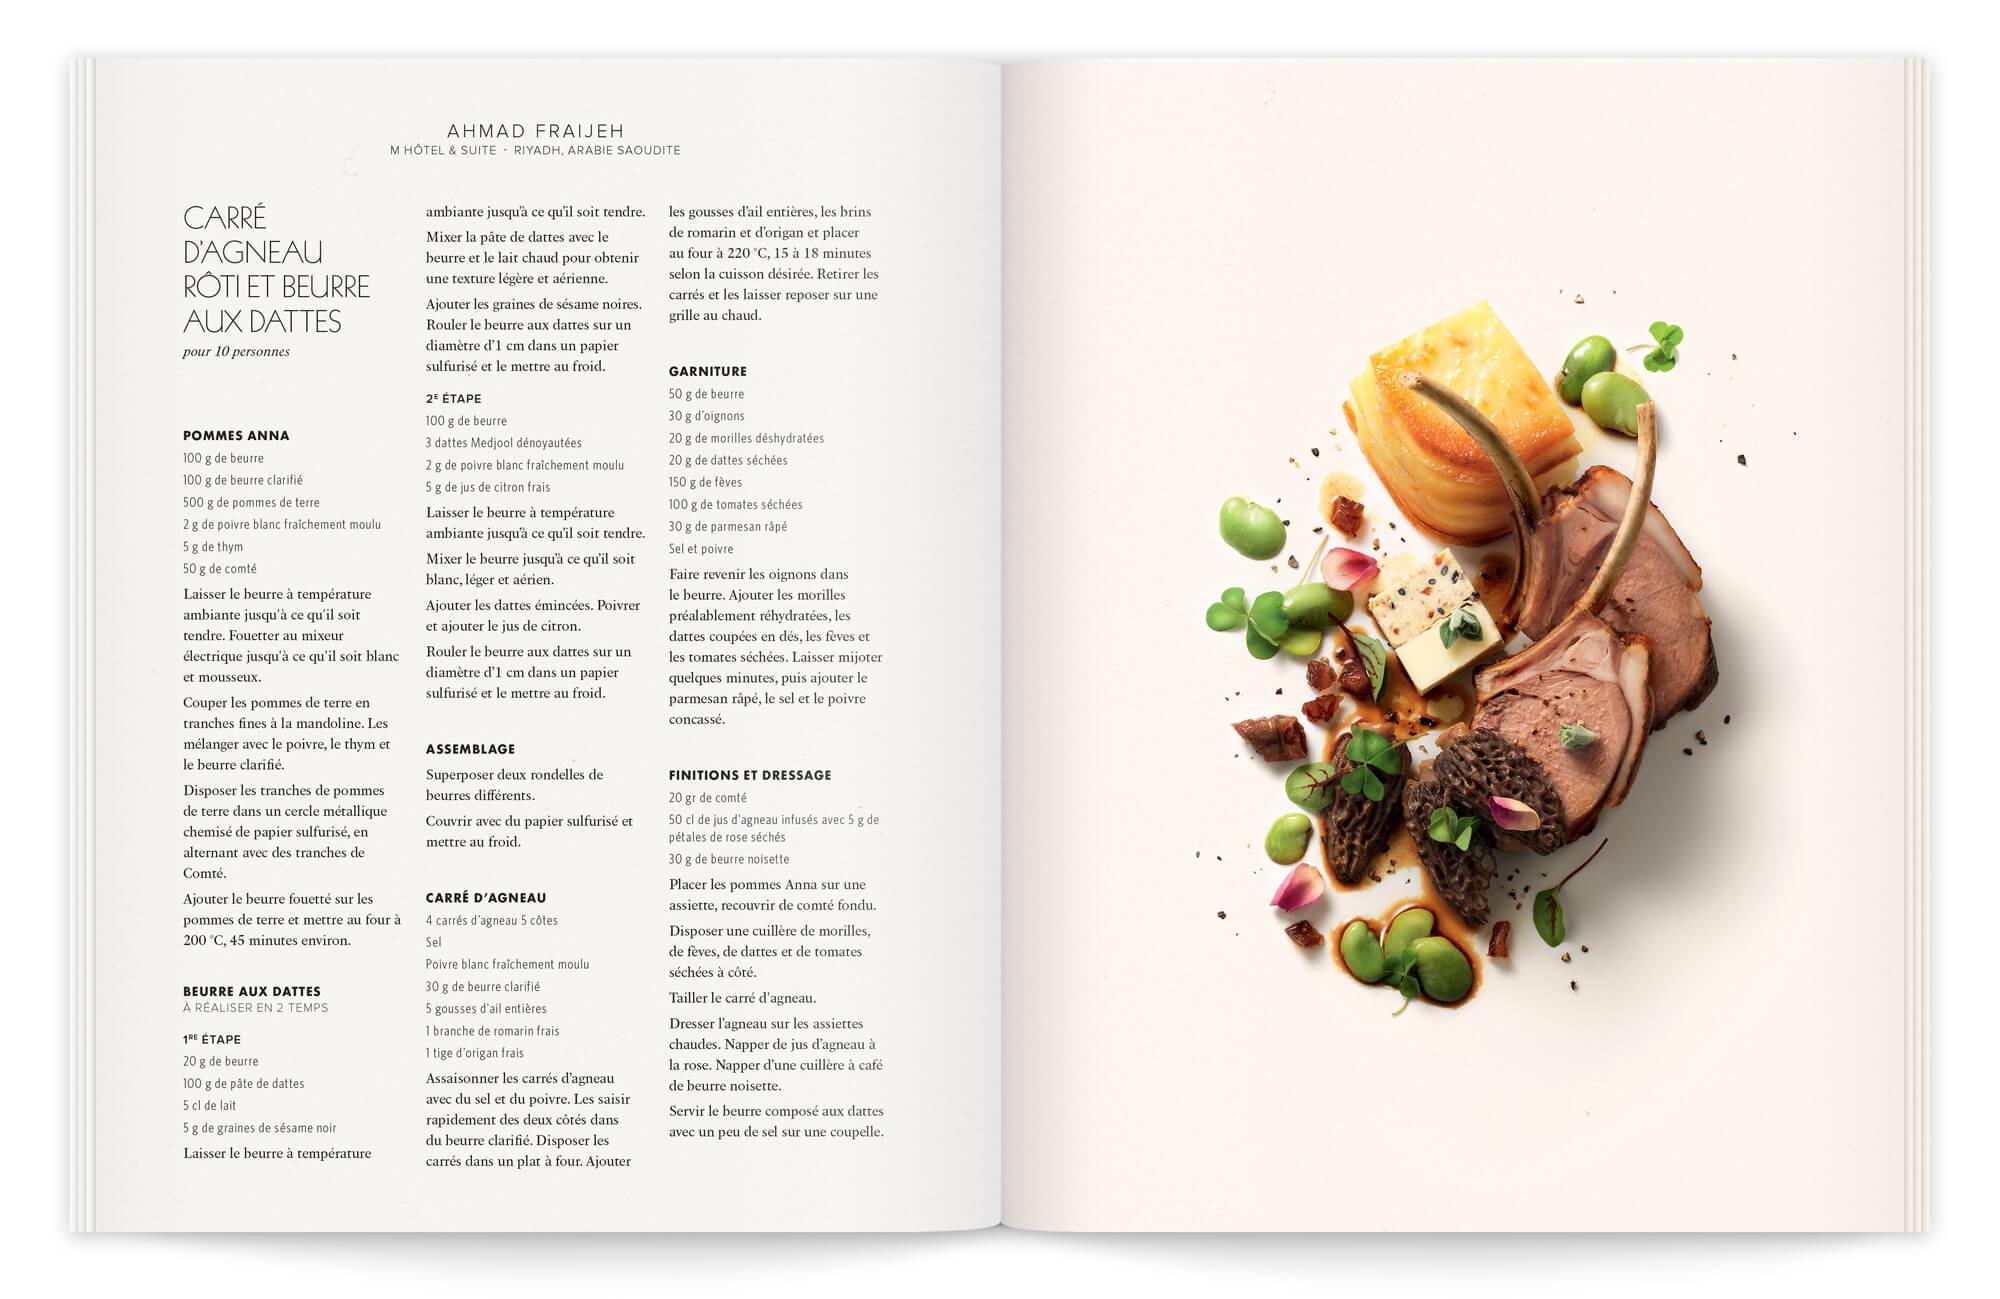 photographie culinaire gastronomique , une recette d'ahmad fraijeh magnifiée par Garlone bradel et photographié par peter lippmann, pour la chaire secrets de beurre dessiné par Ich&Kar